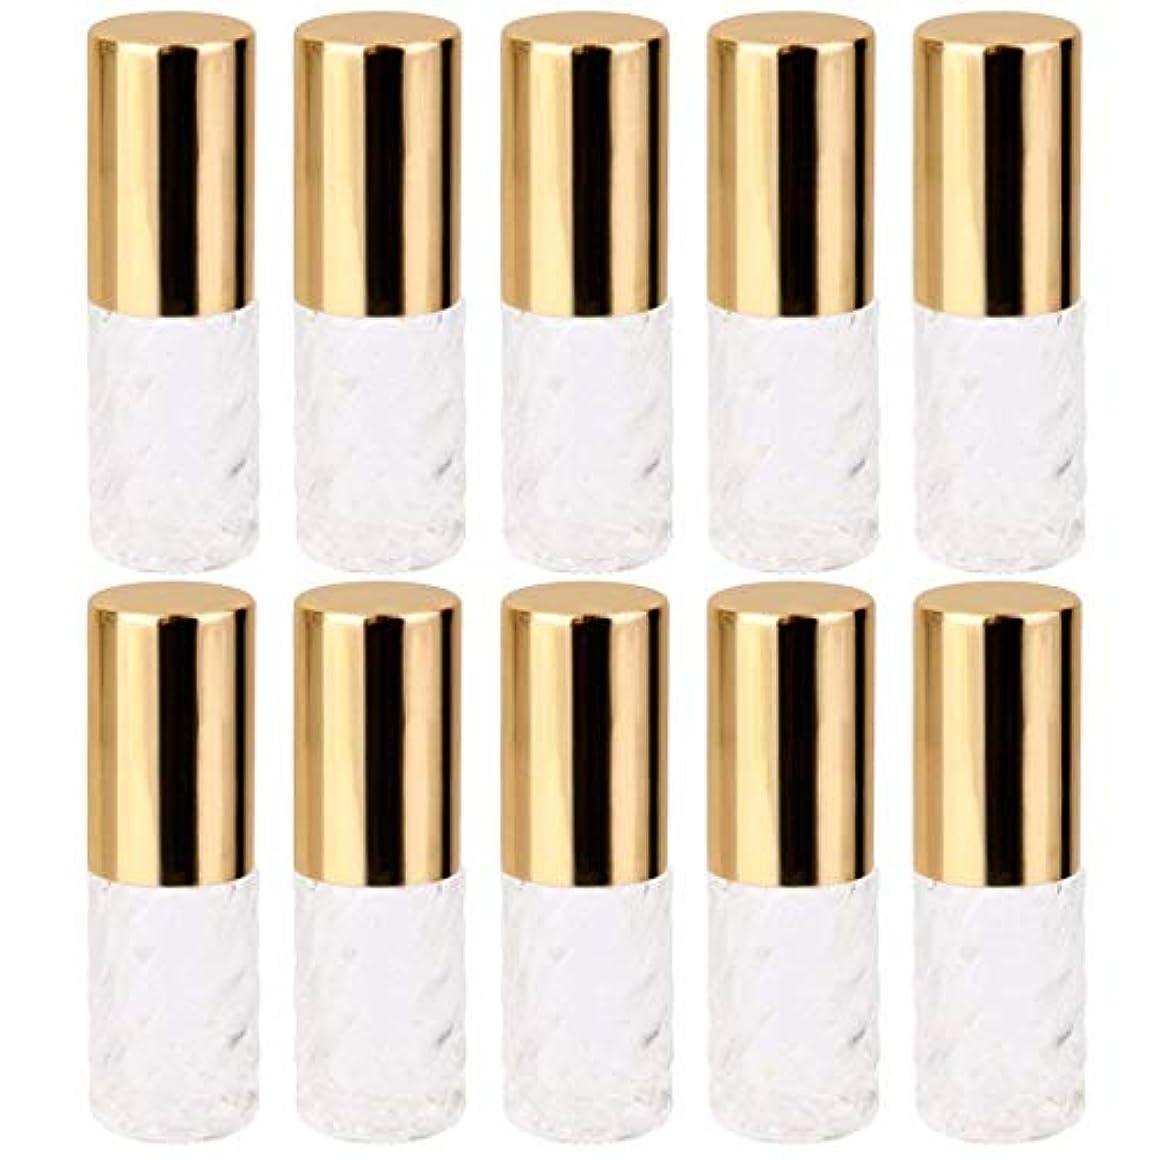 気を散らす慎重頼る10個 5ml 透明 交換 旅行 空 ロールオン ガラス 香水瓶 容器 コスメ 詰替え 便利